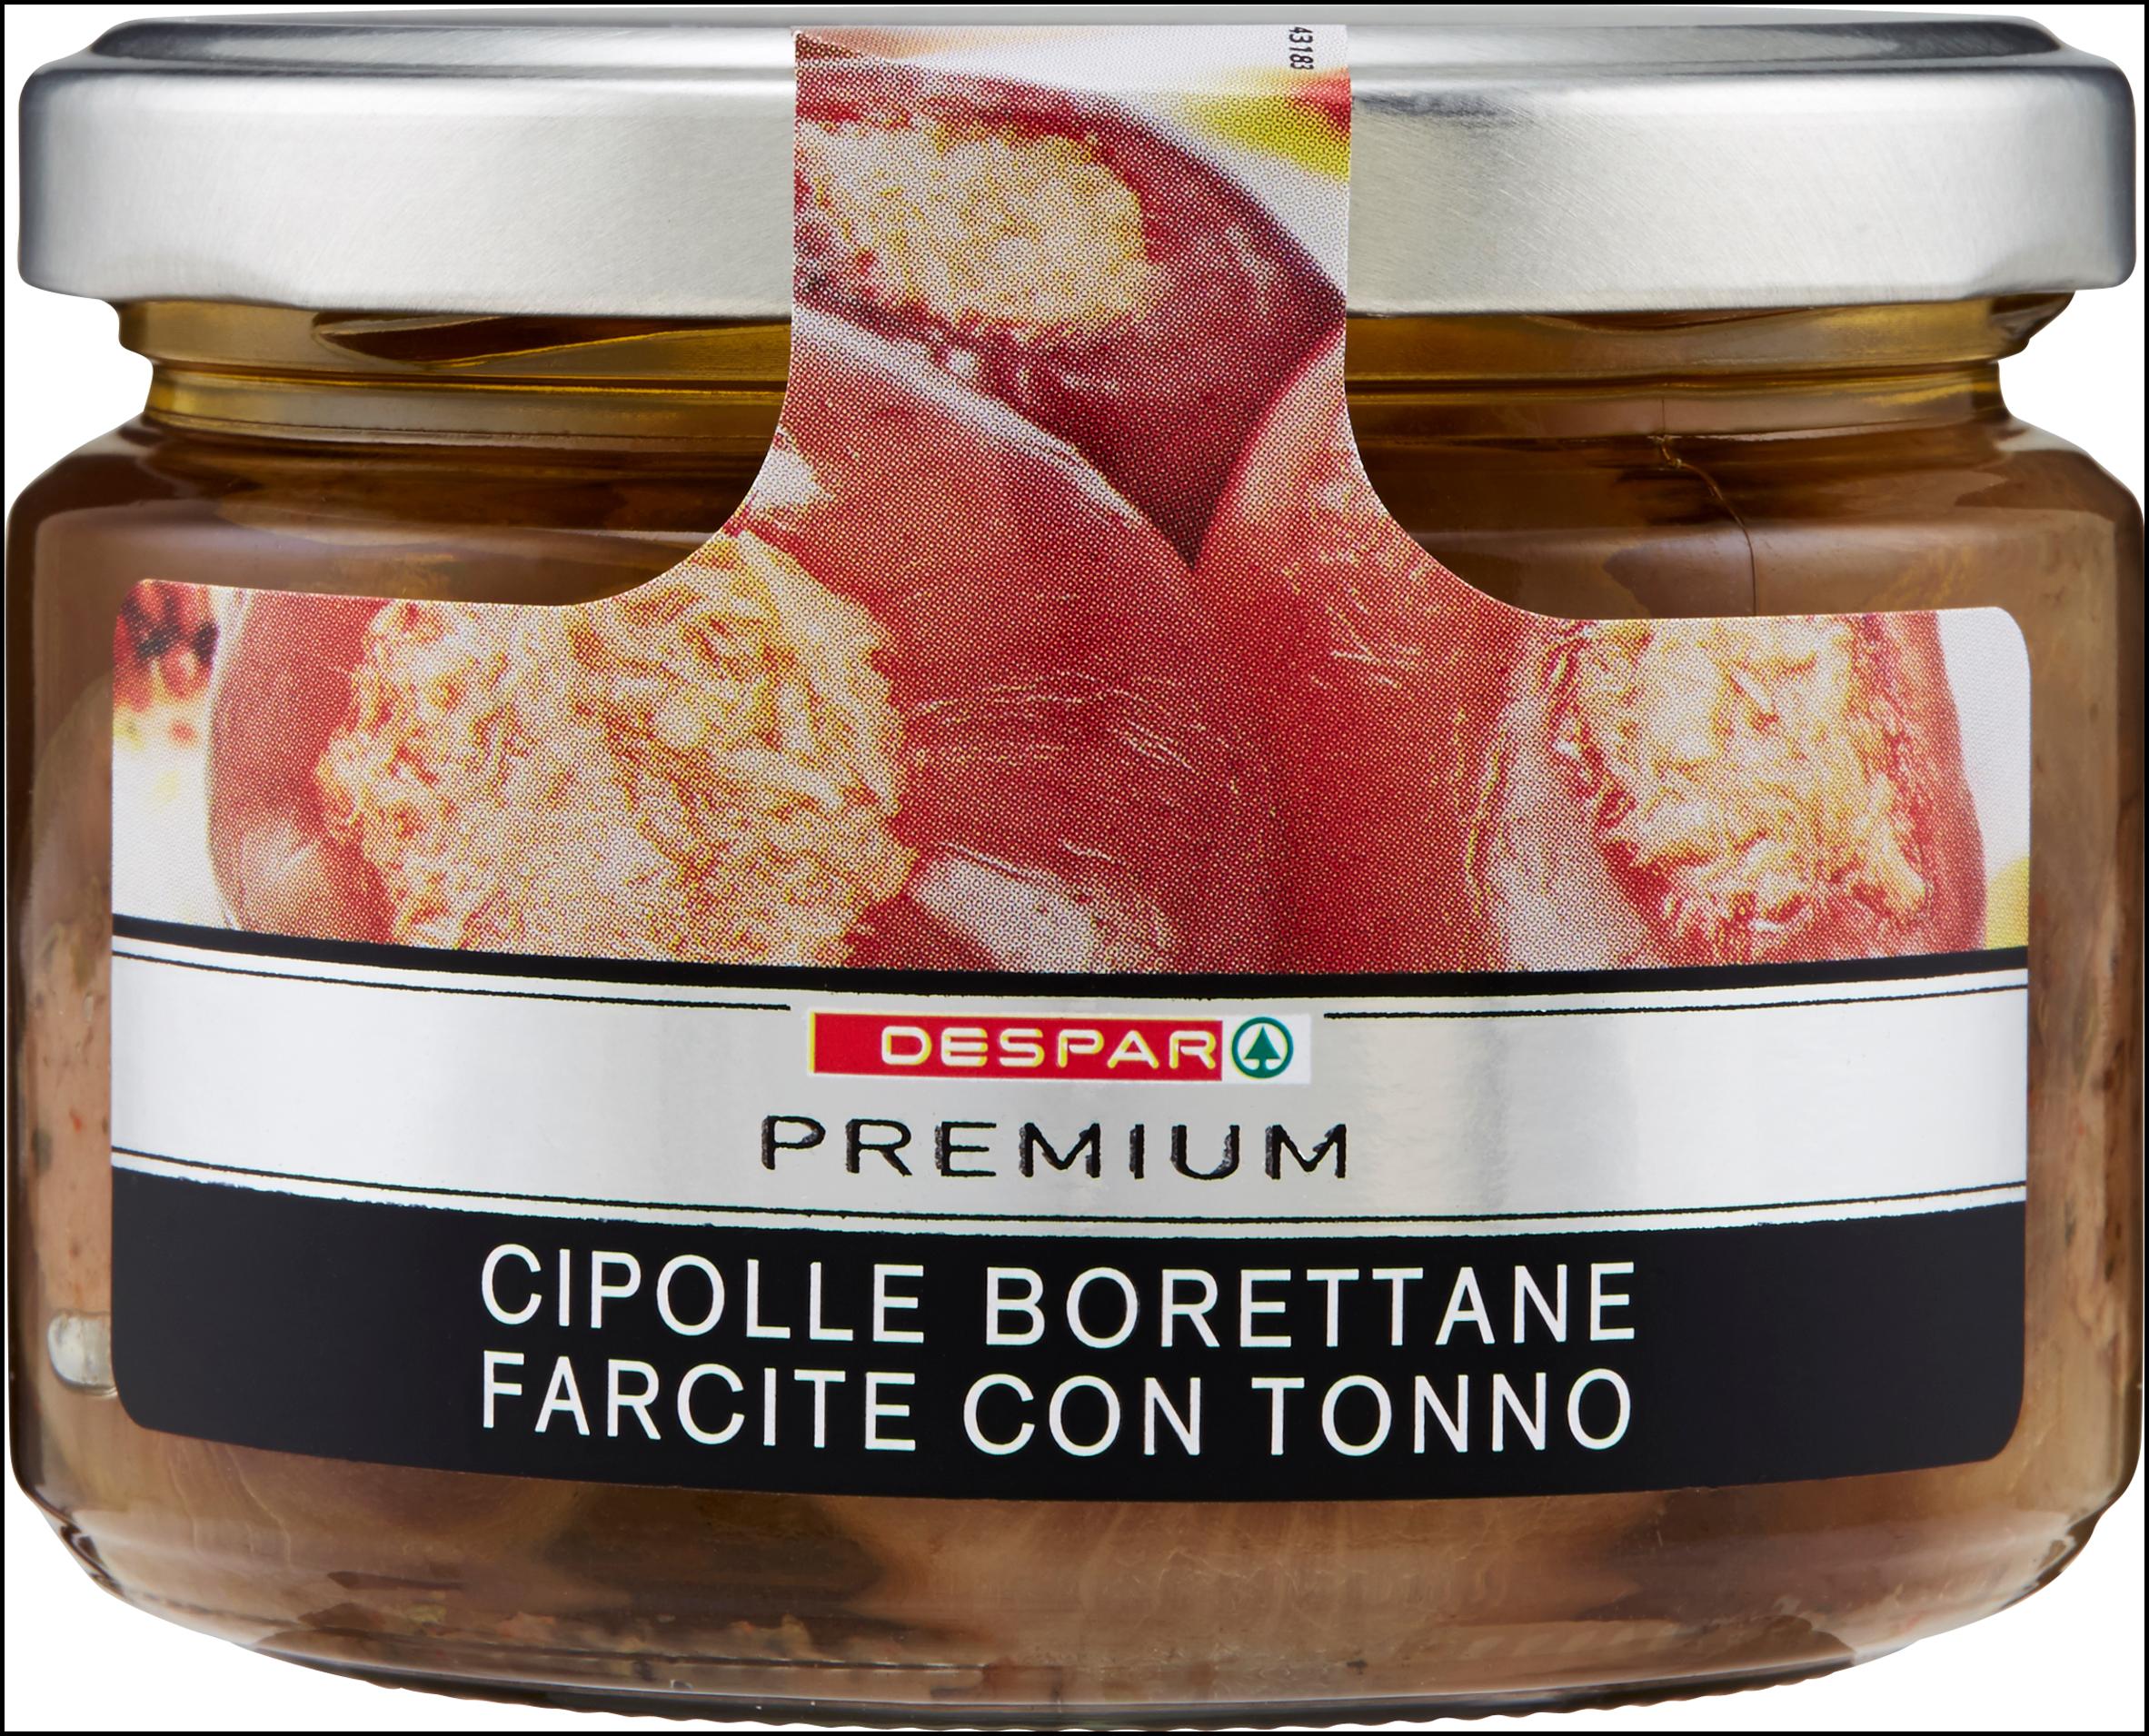 CIPOLLE FARCITE PREMIUM 240G C/TONNO